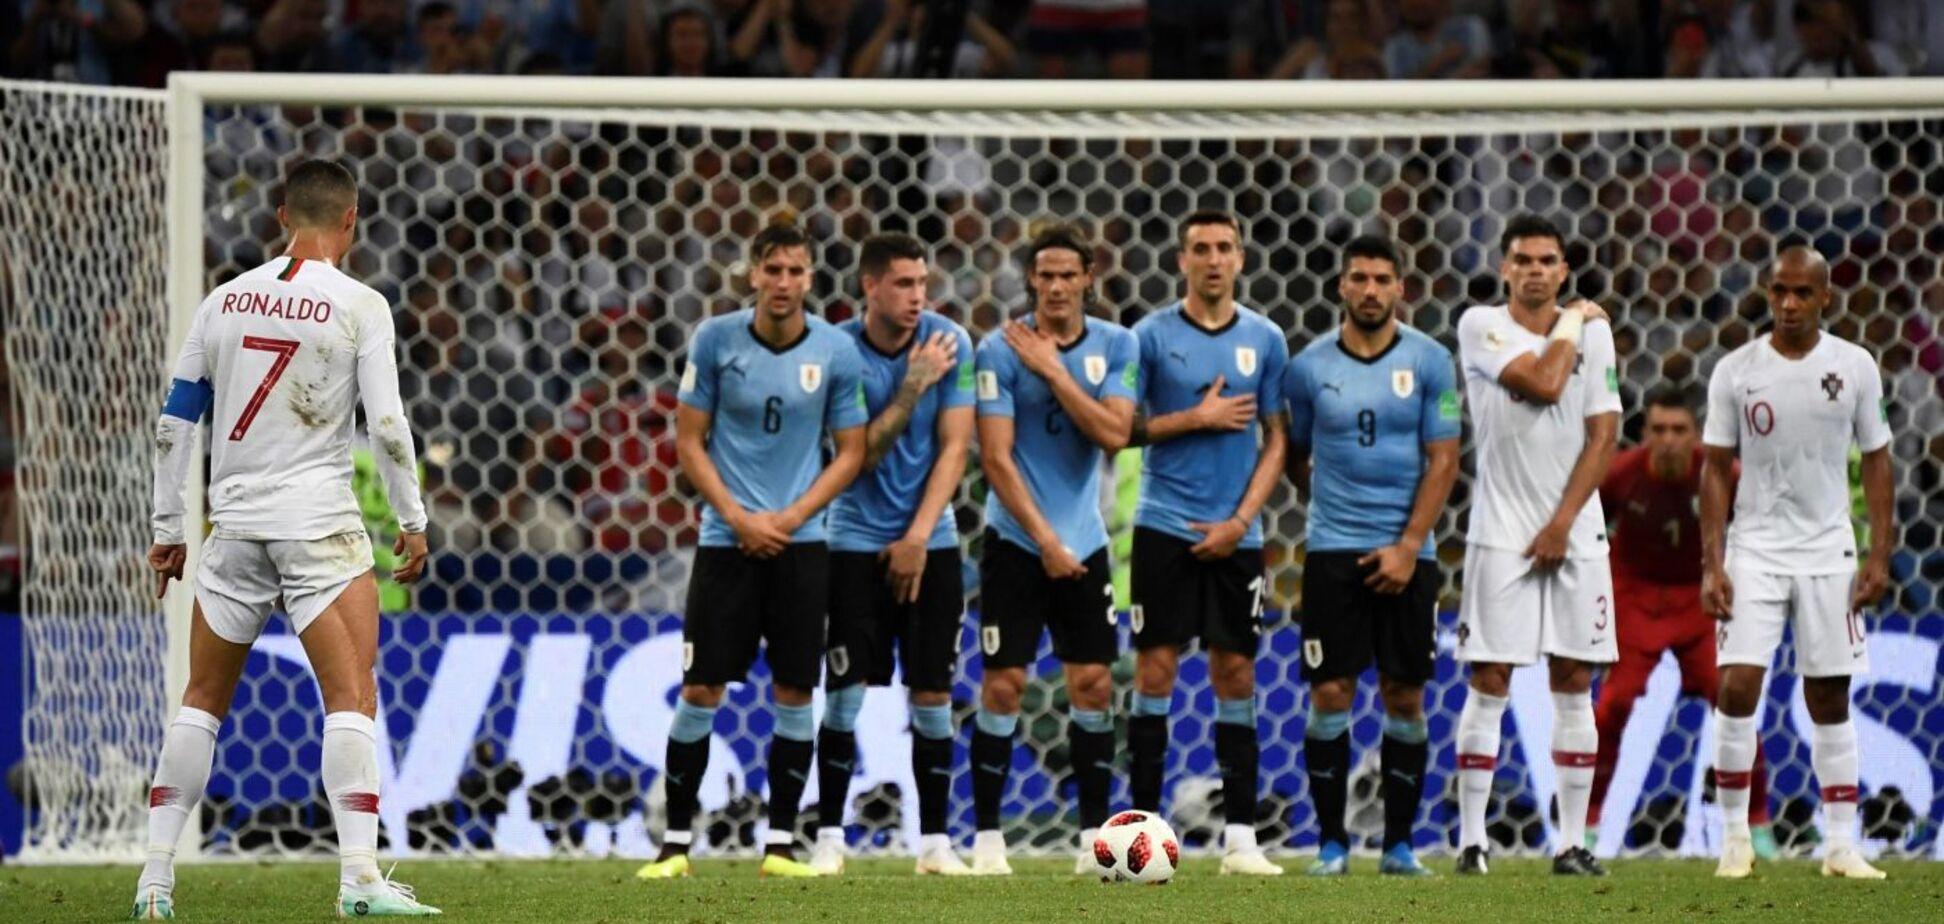 Кріштіану Роналду висміяли за 'секс' на матчі з Уругваєм